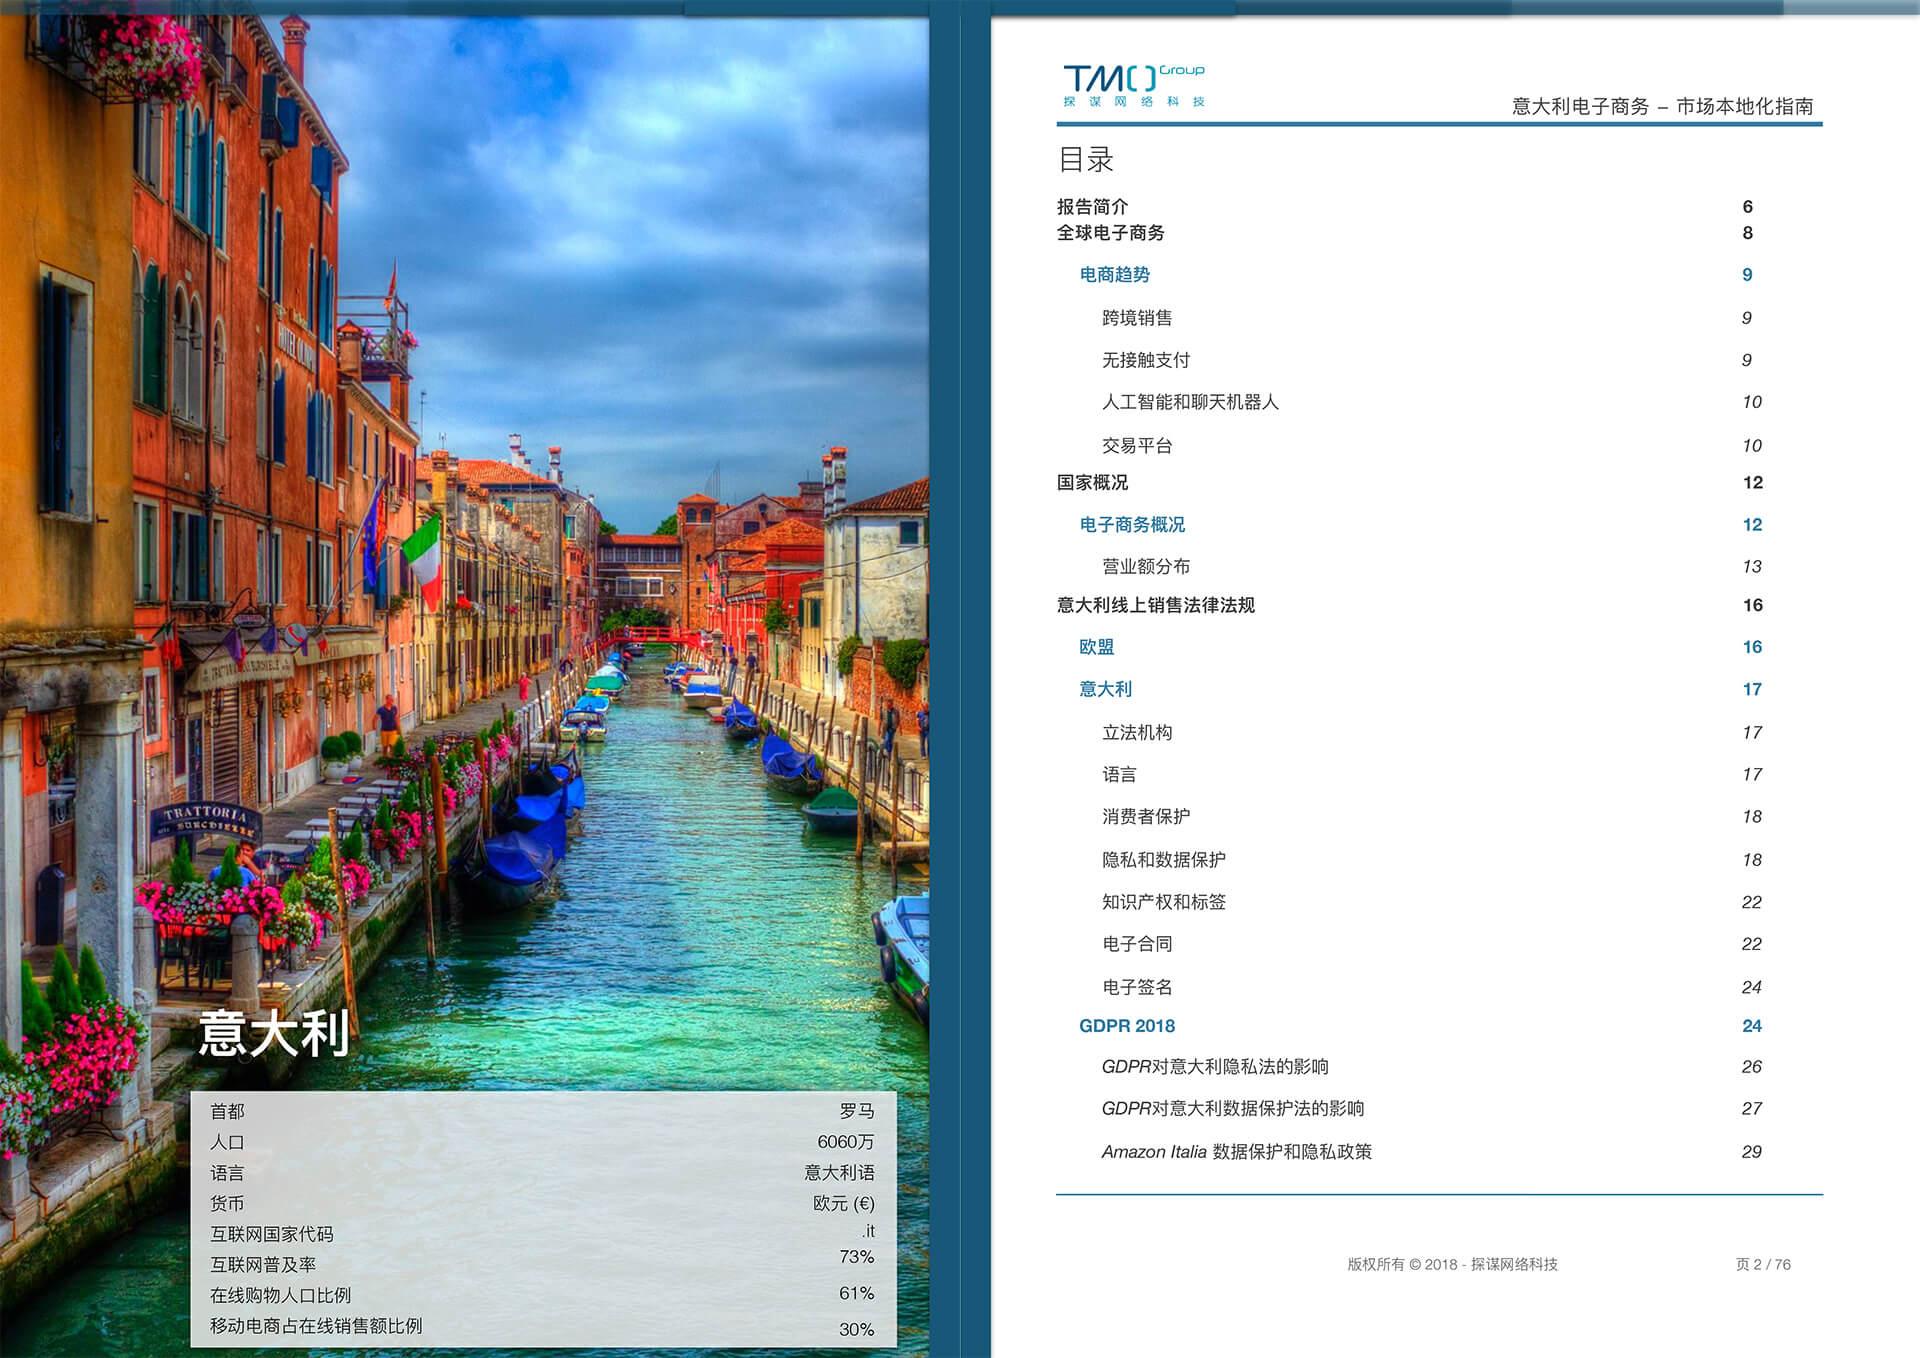 意大利电商目录1